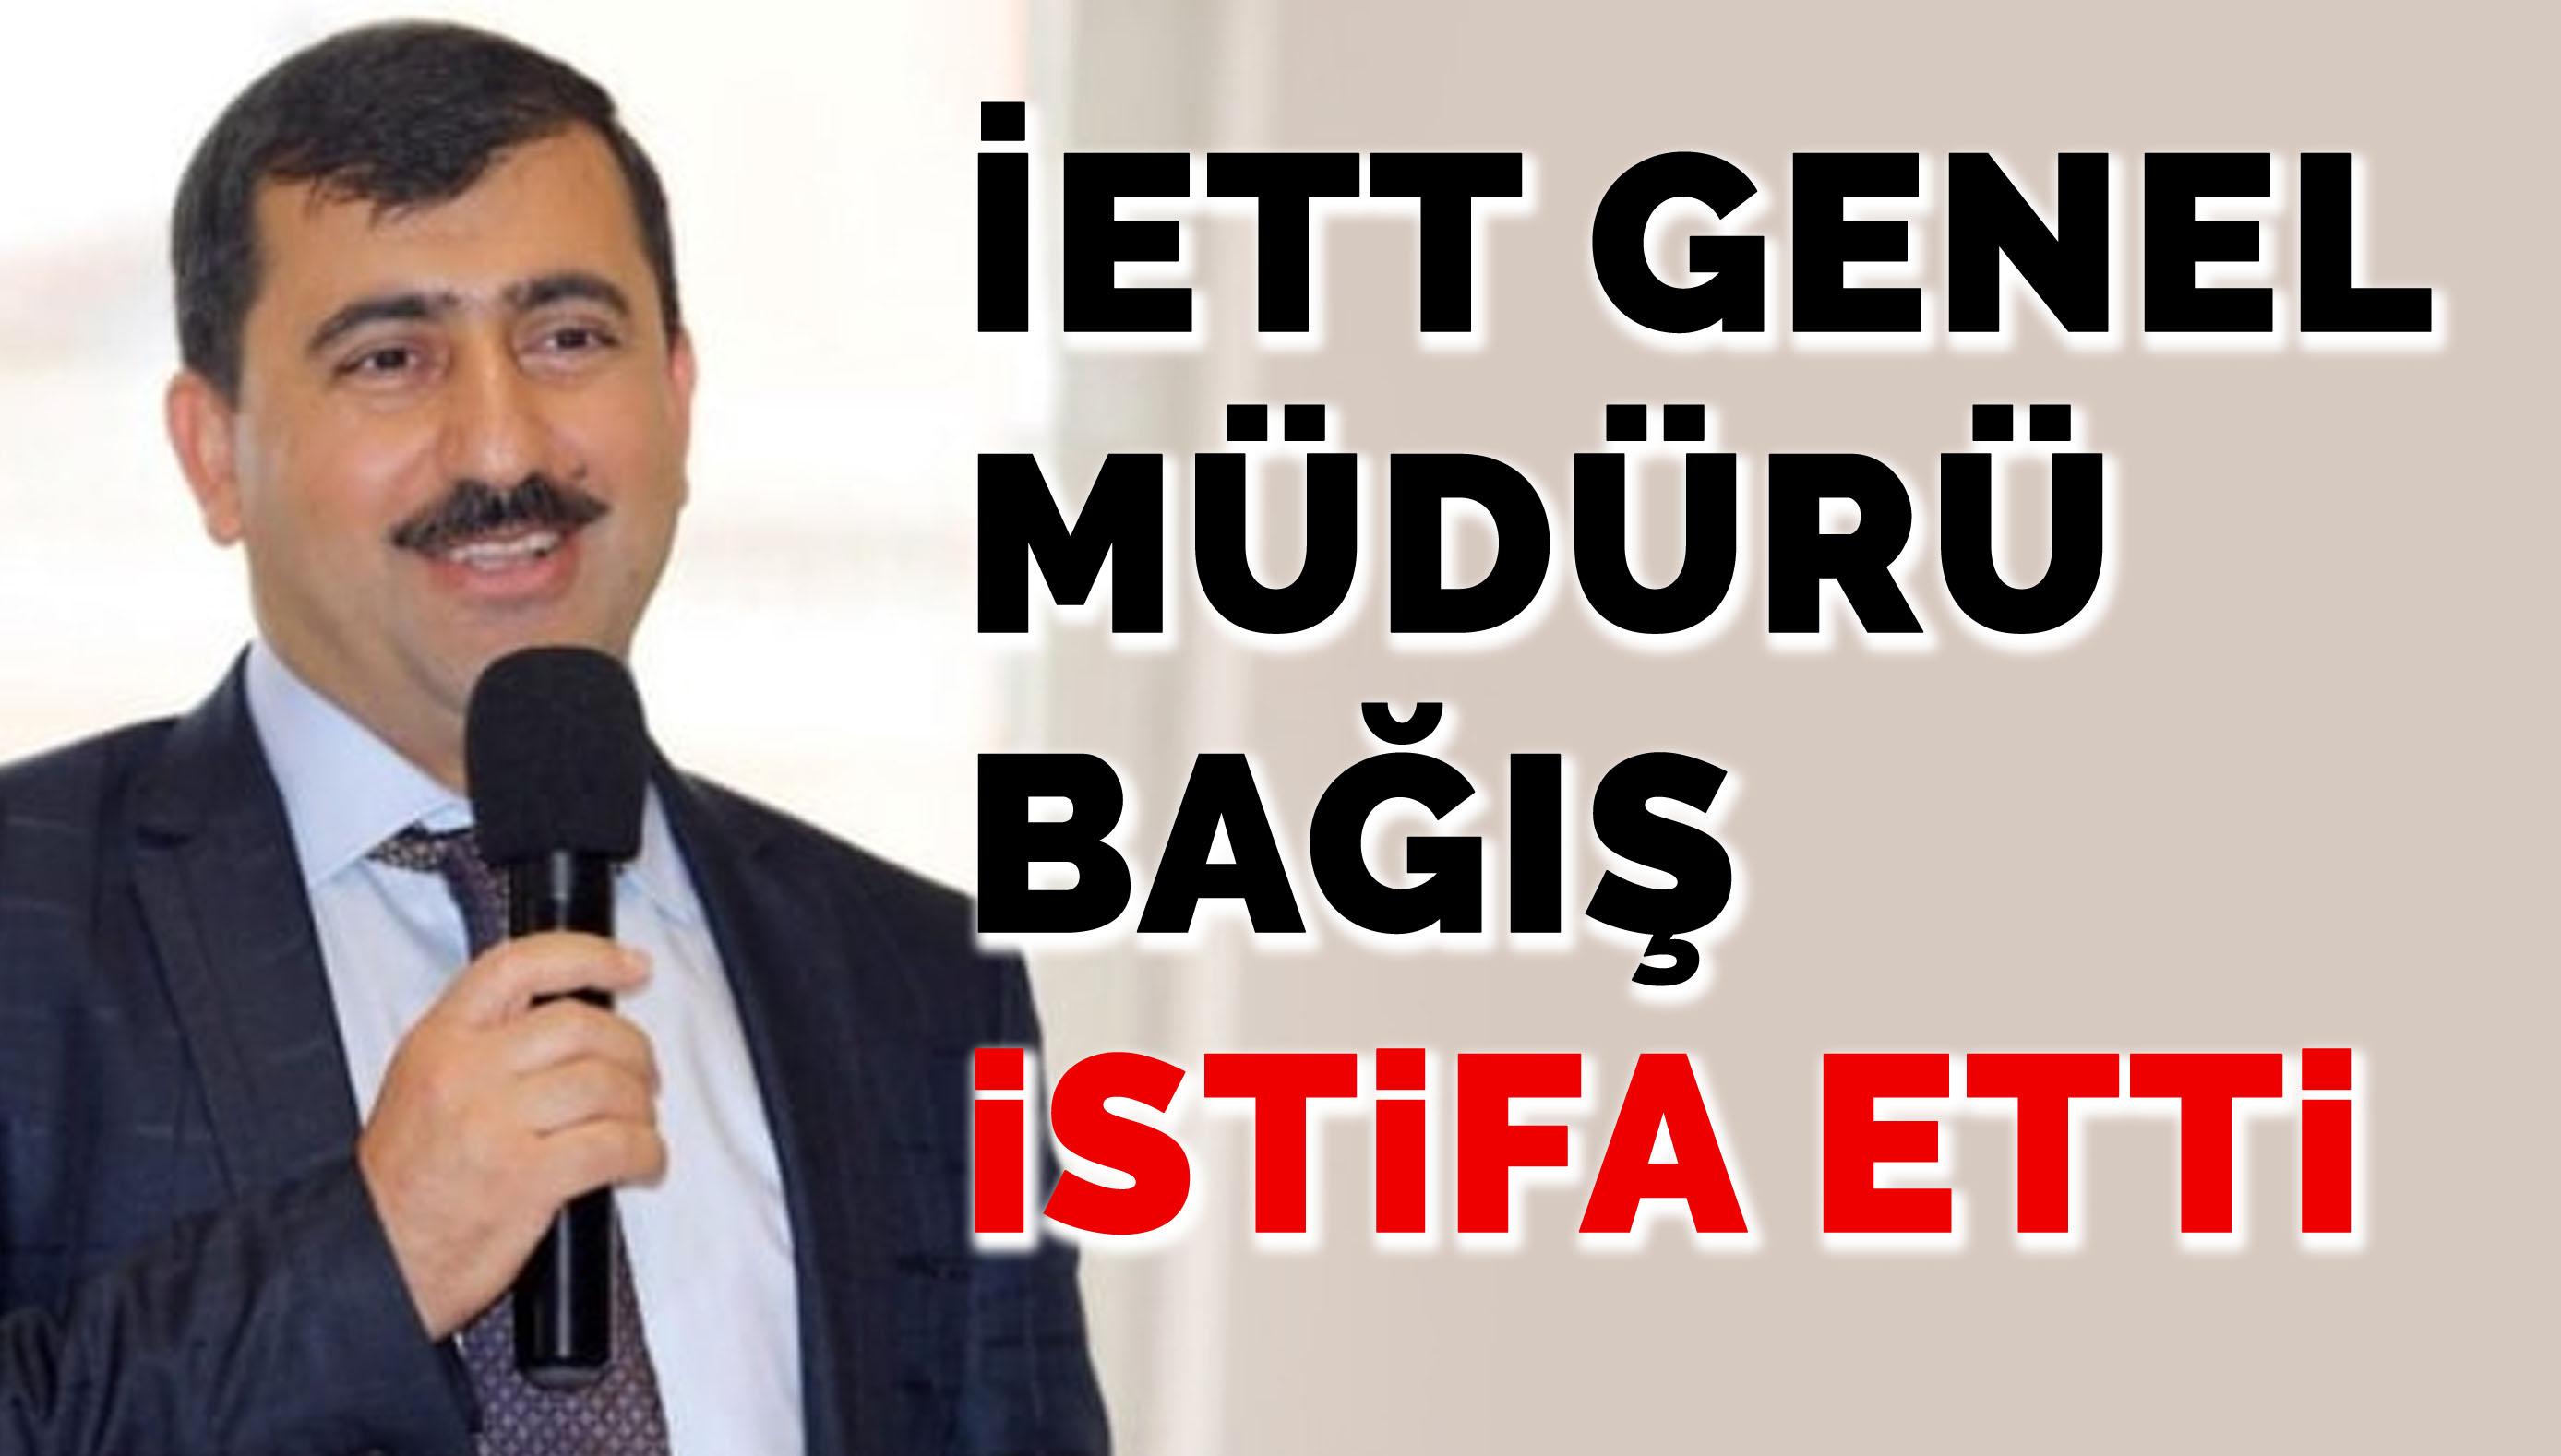 İETT Genel Müdürü Bağış istifa etti